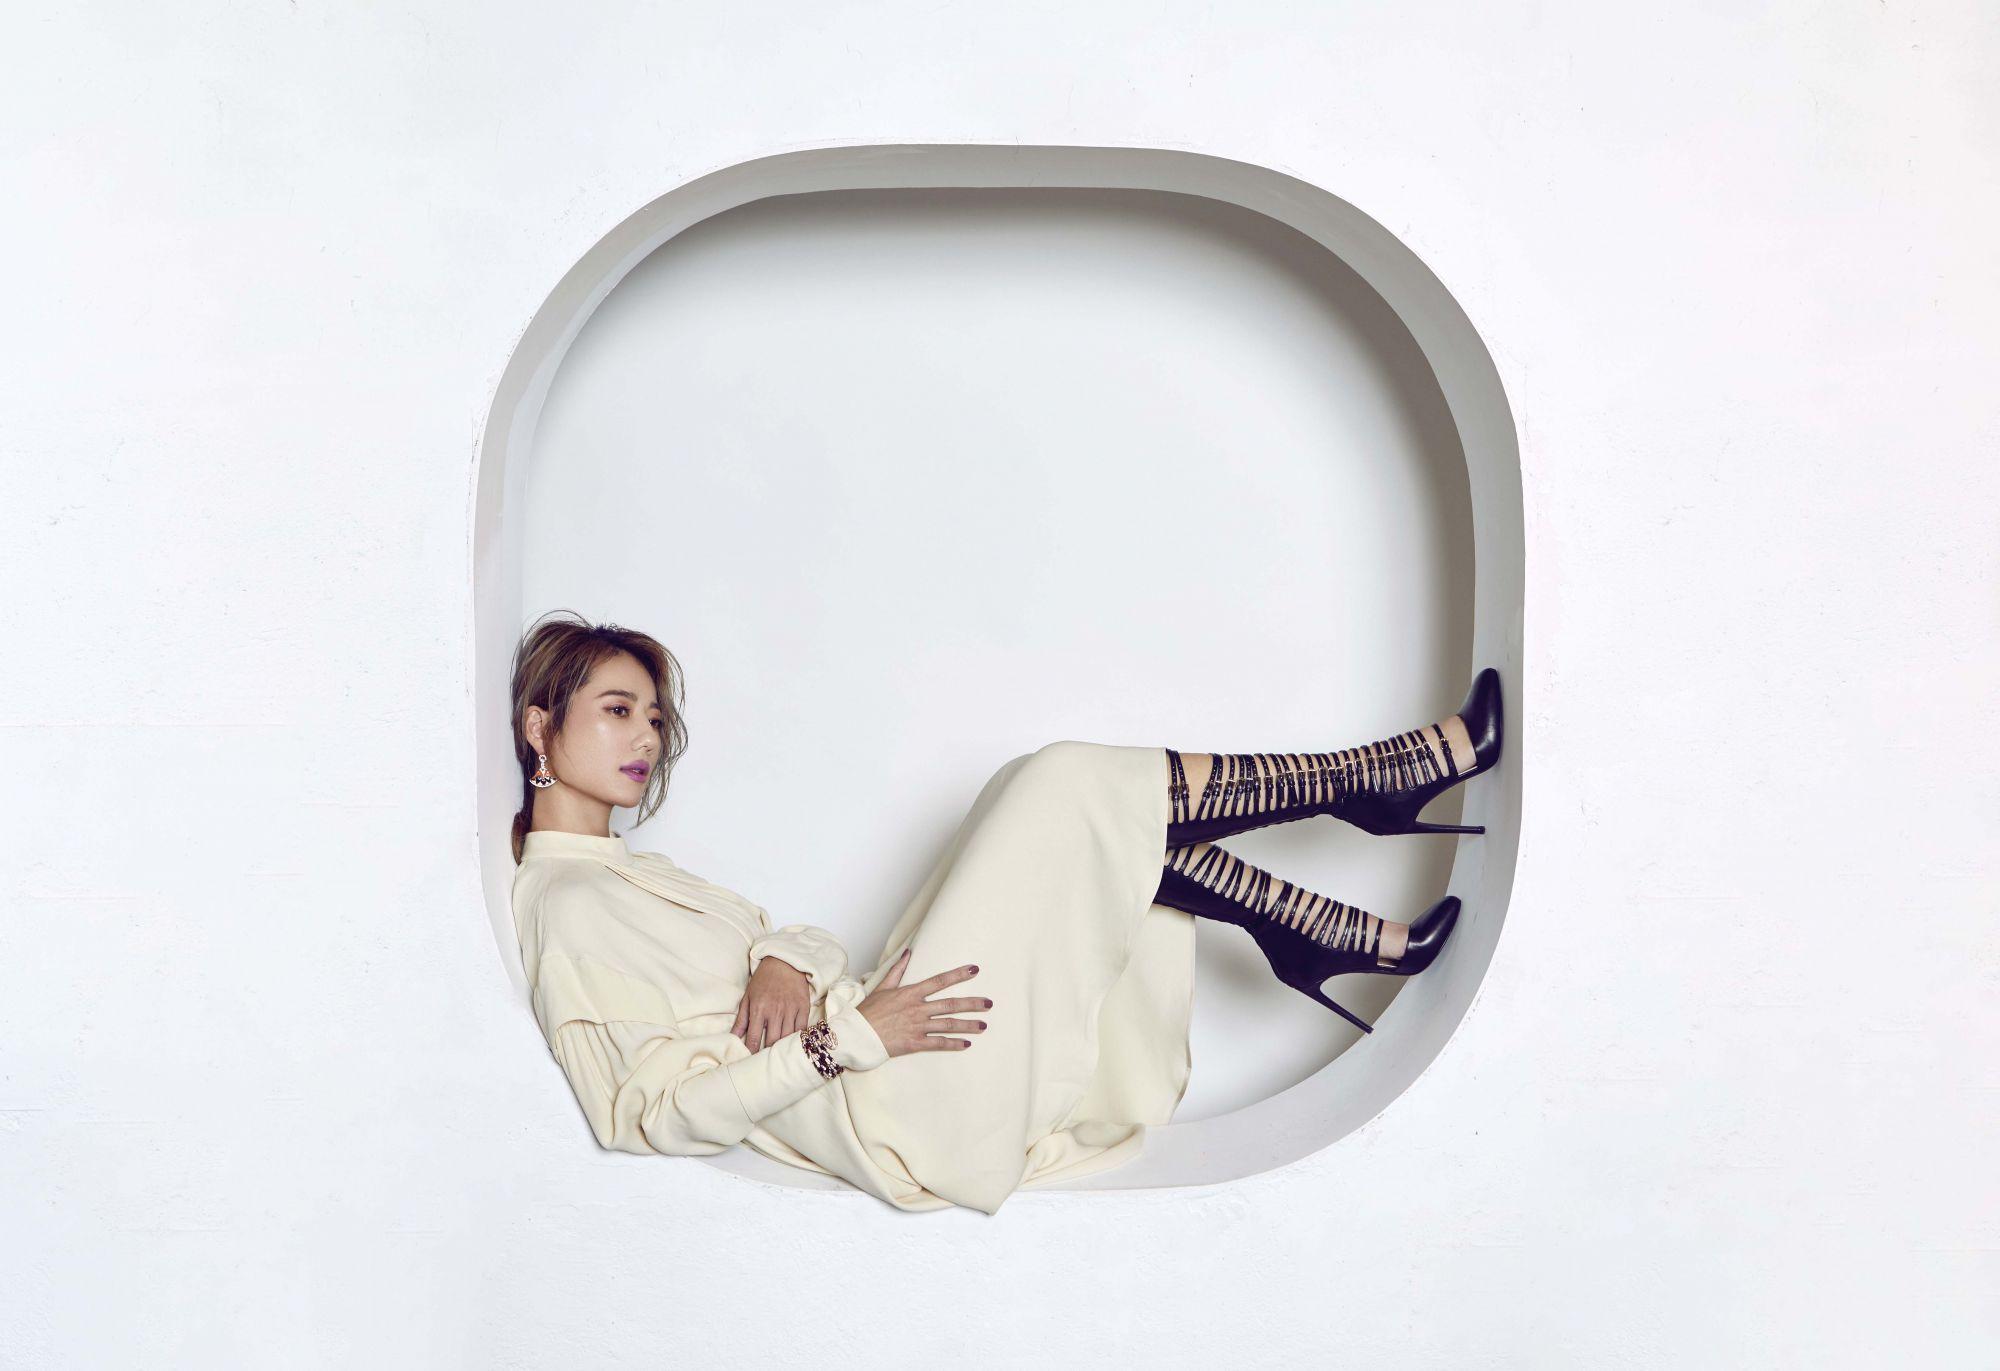 盧南君認為時尚就是不管穿上什麼,自己都要覺得很從容。 Divas' Dream系列頂級珊瑚與鑽石耳環、Serpenti系列頂級蛇紋木玫瑰金鑲鑽手環both by Bvlgari;洋裝by Louis Vuitton,長靴為私人提供。